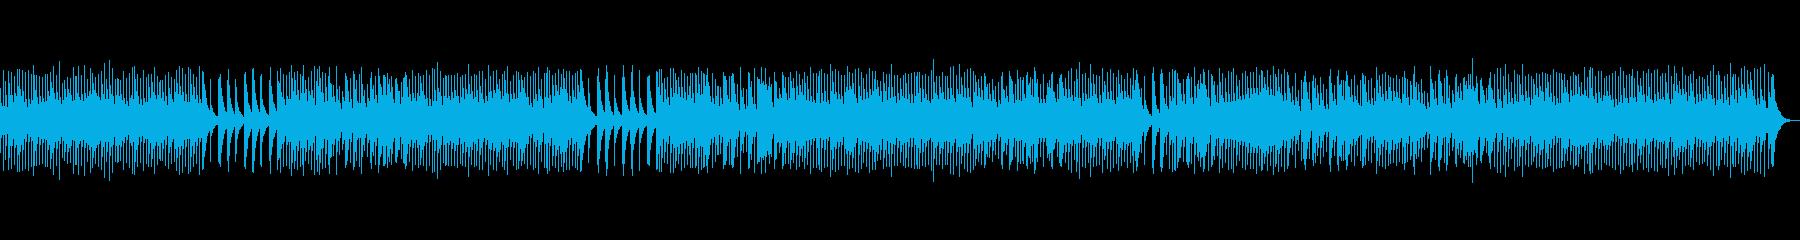 (オルゴール)主よ人の望みの… F_60の再生済みの波形